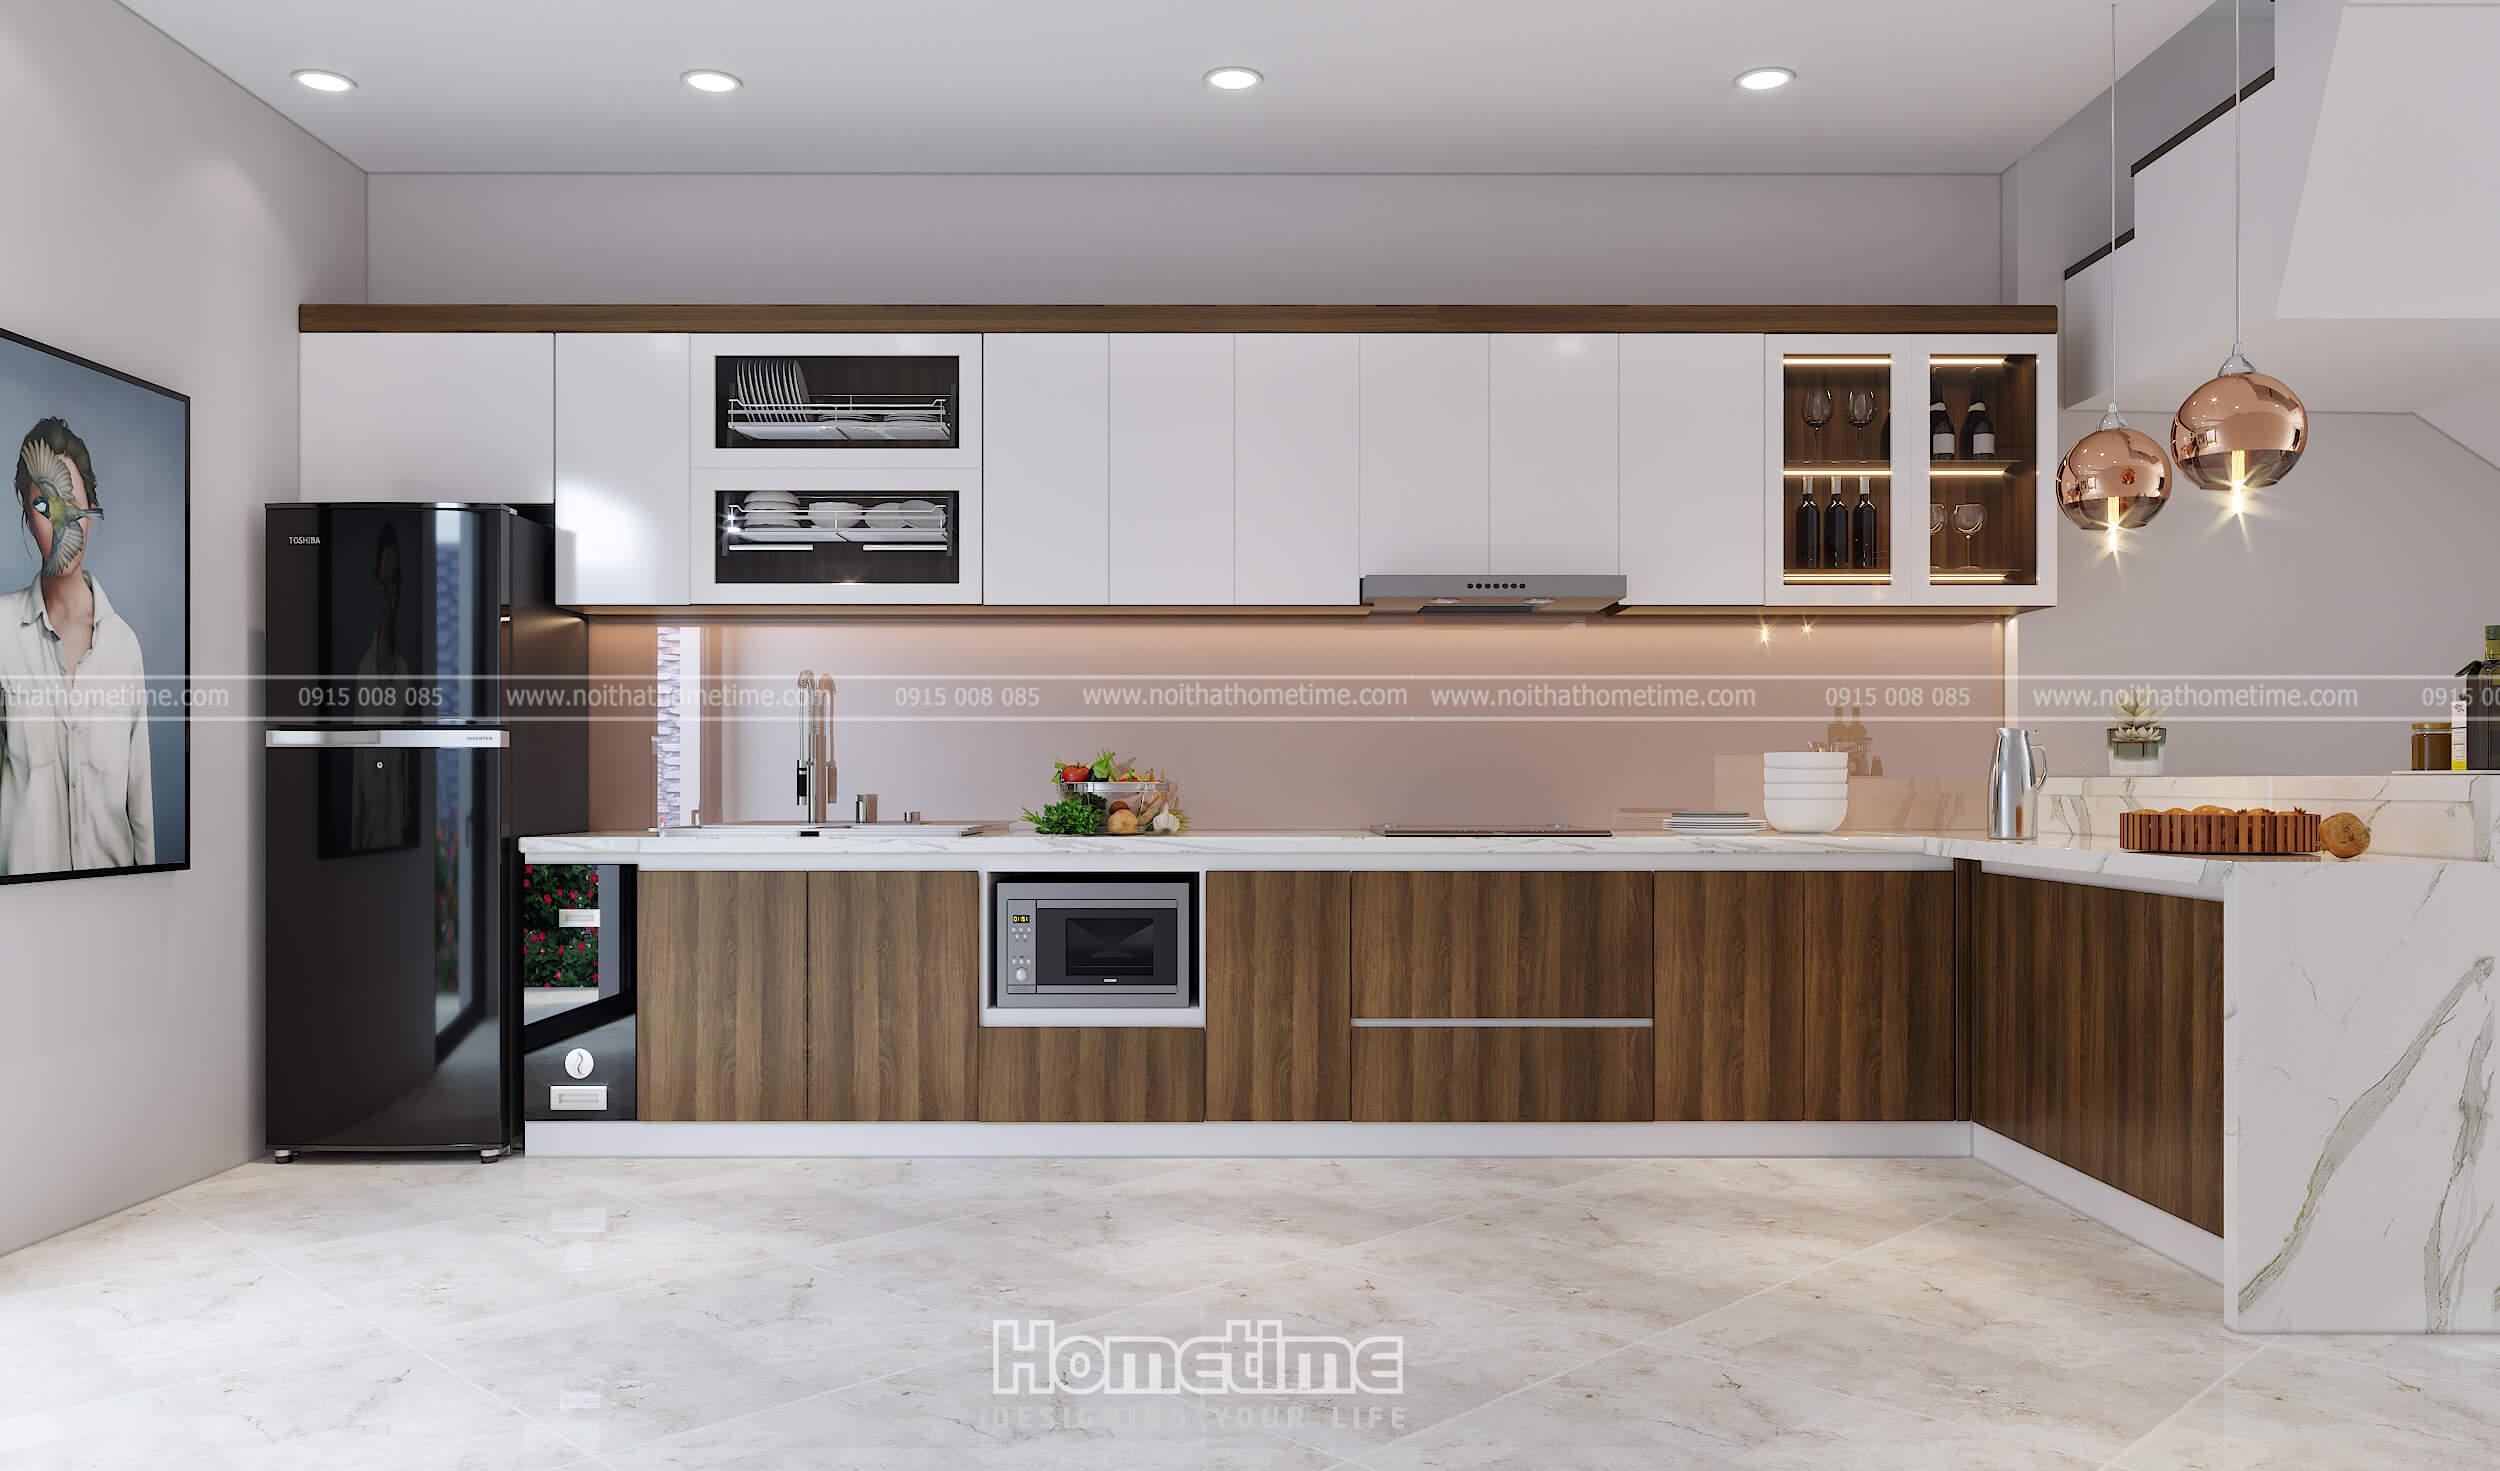 Thiết kế tủ bếp kịch trần nhà anh Việt Anh